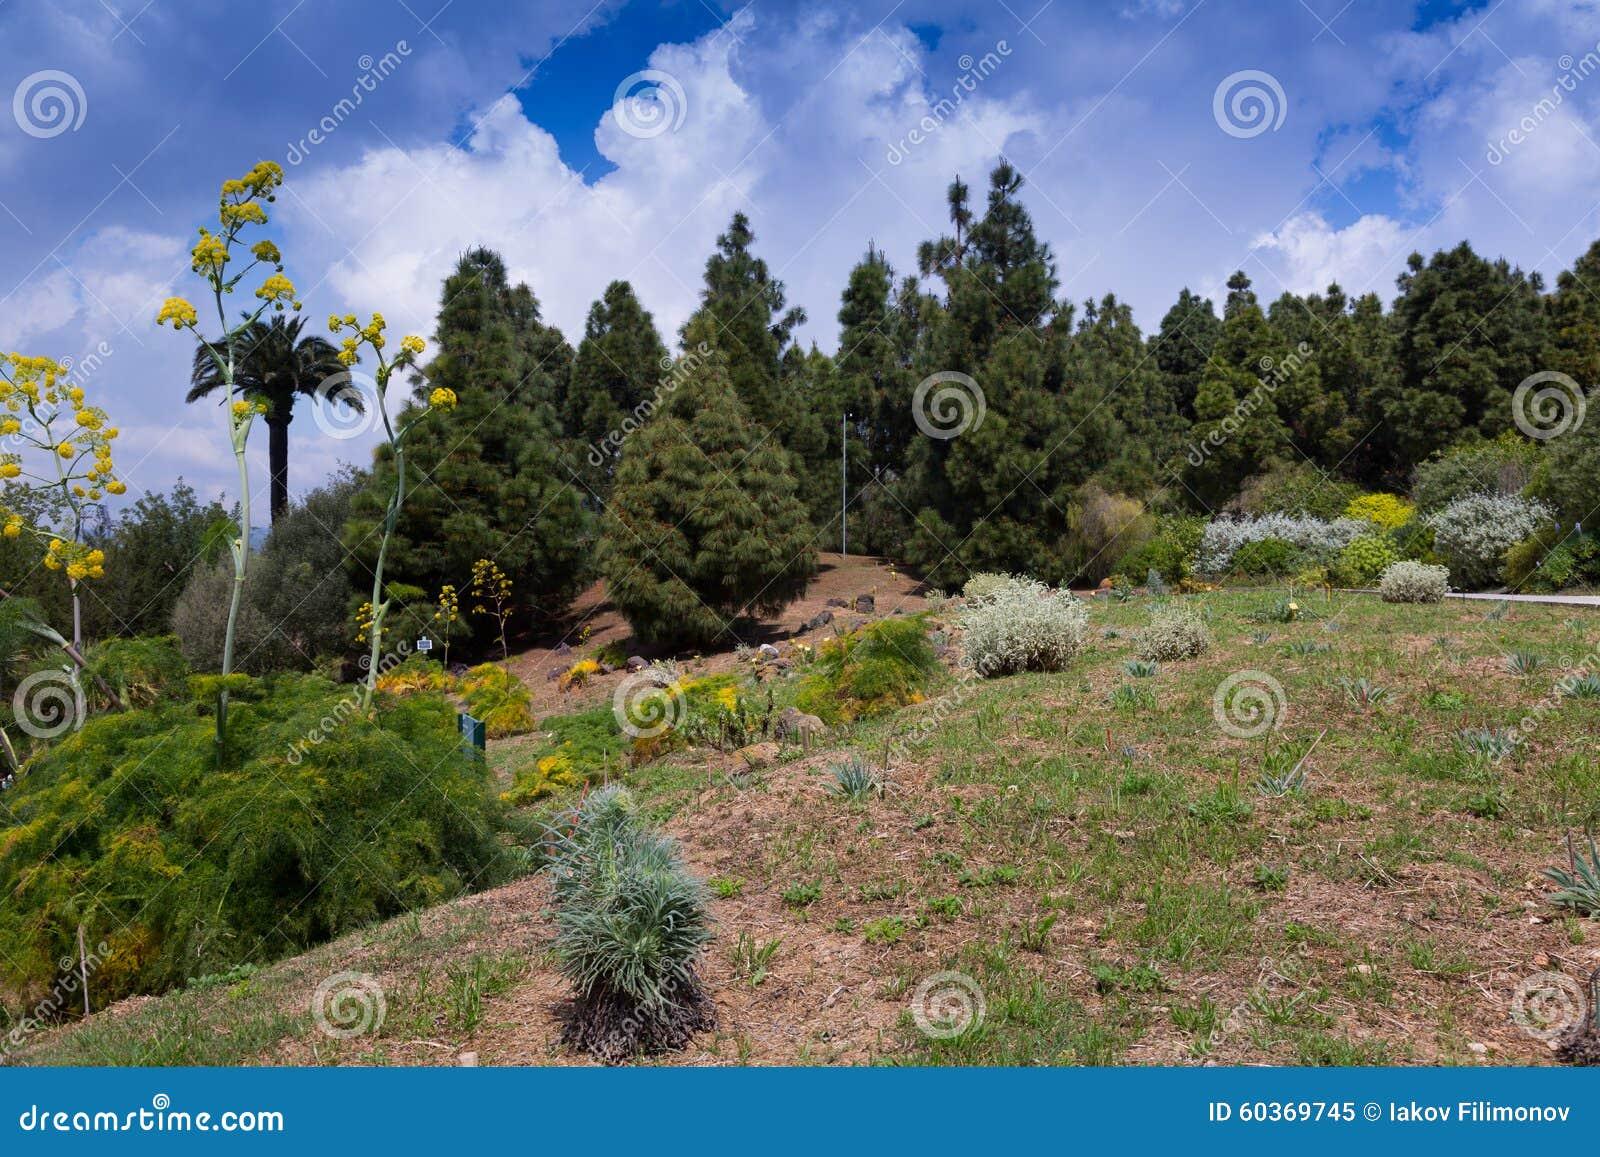 Botanischer Garten Von Barcelona Stockbild Bild Von Gärten Garten